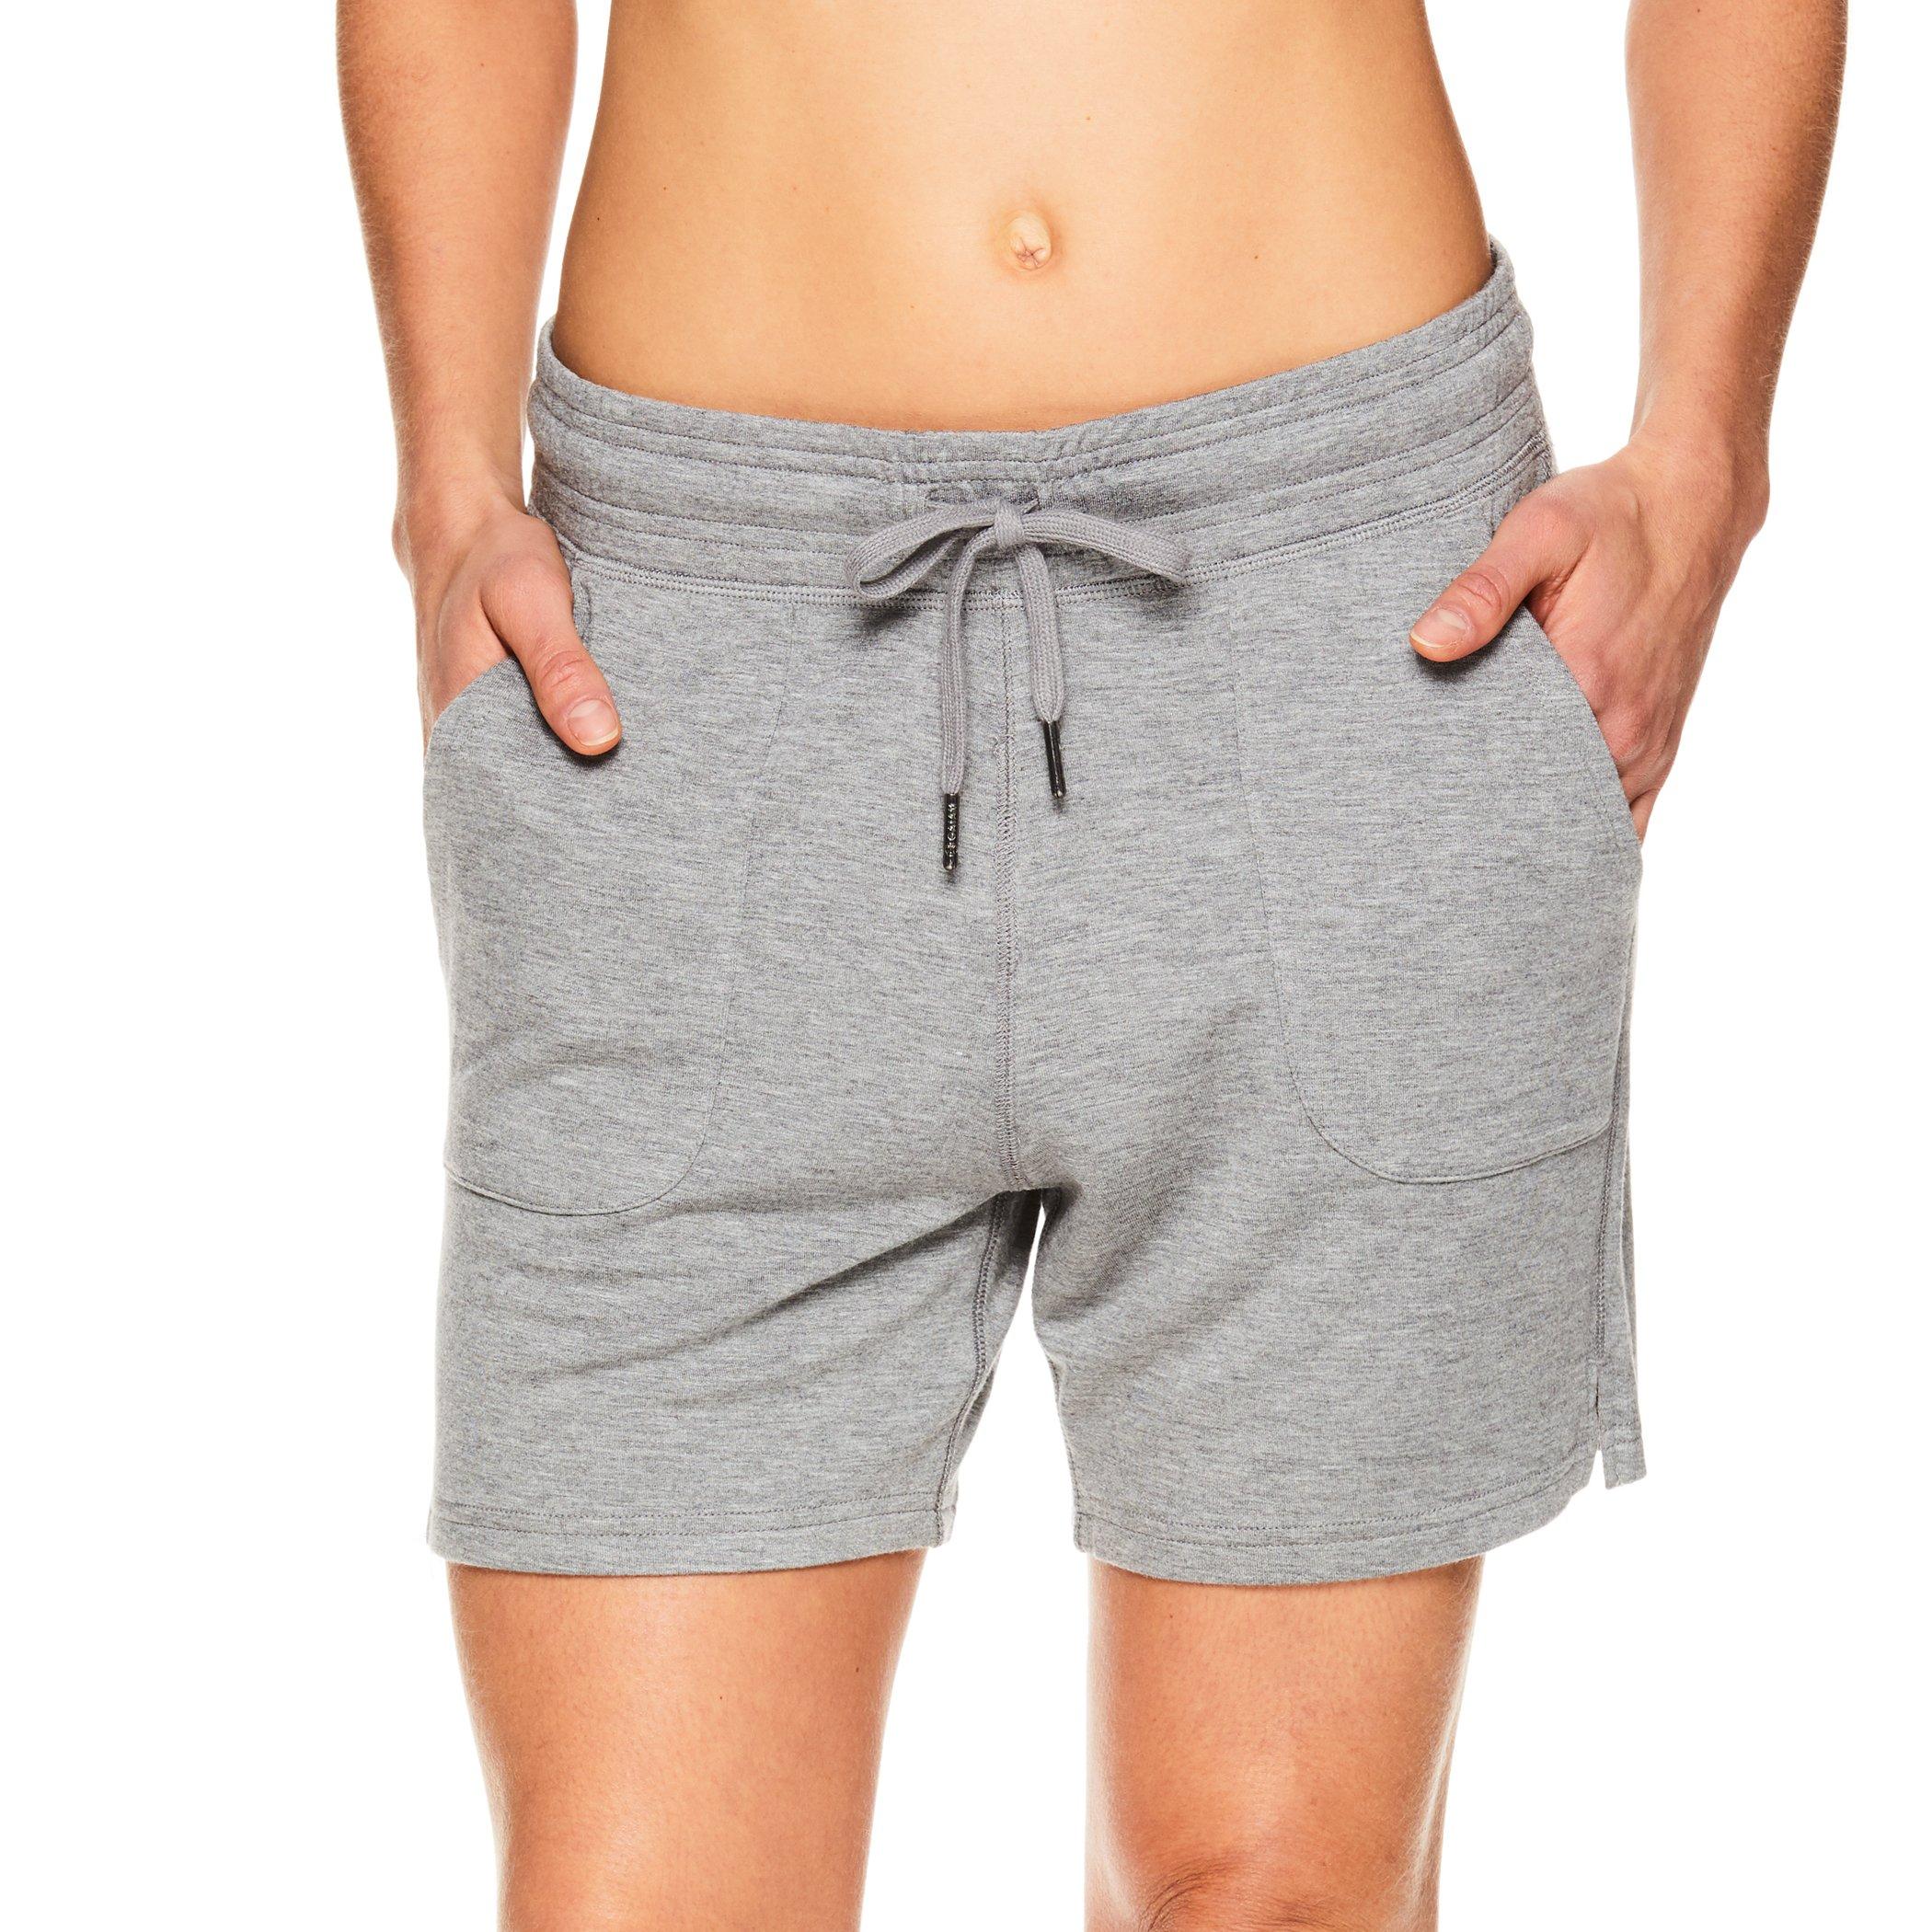 Gaiam Women's Warrior Yoga Short - Bike & Running Activewear Shorts w/Pockets - Flint Grey Heather, X-Small by Gaiam